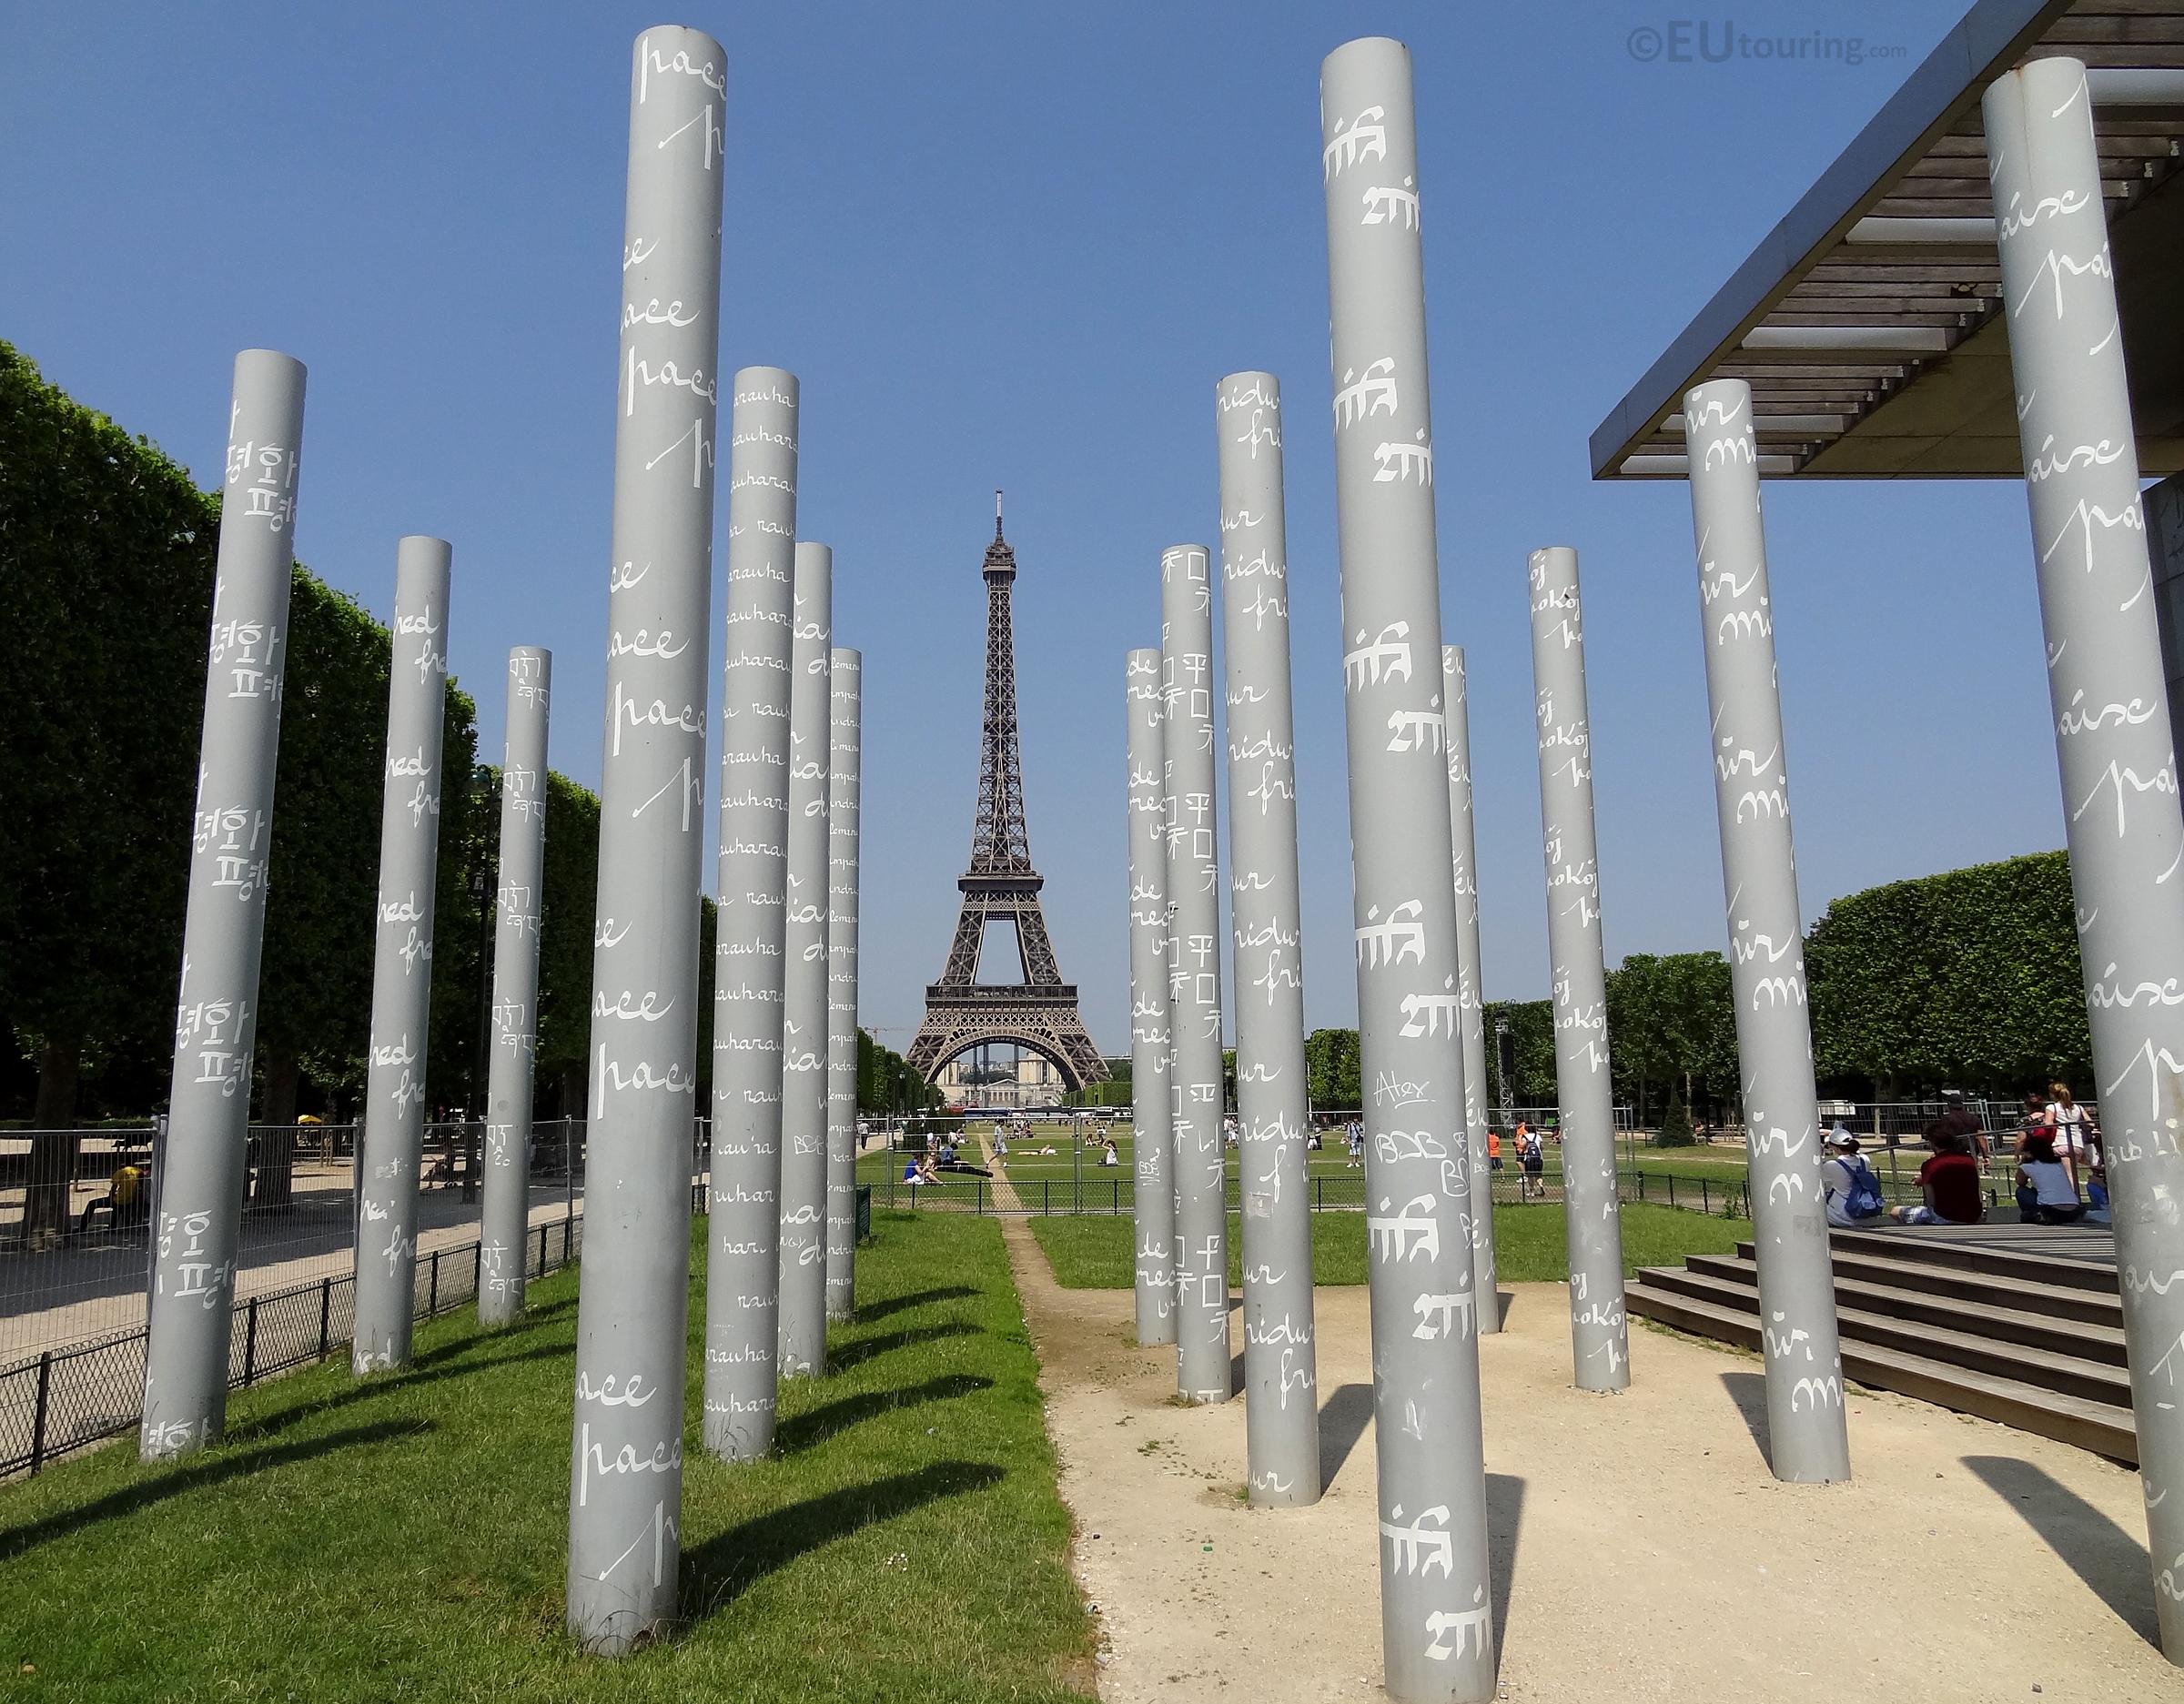 Eiffel Tower between columns